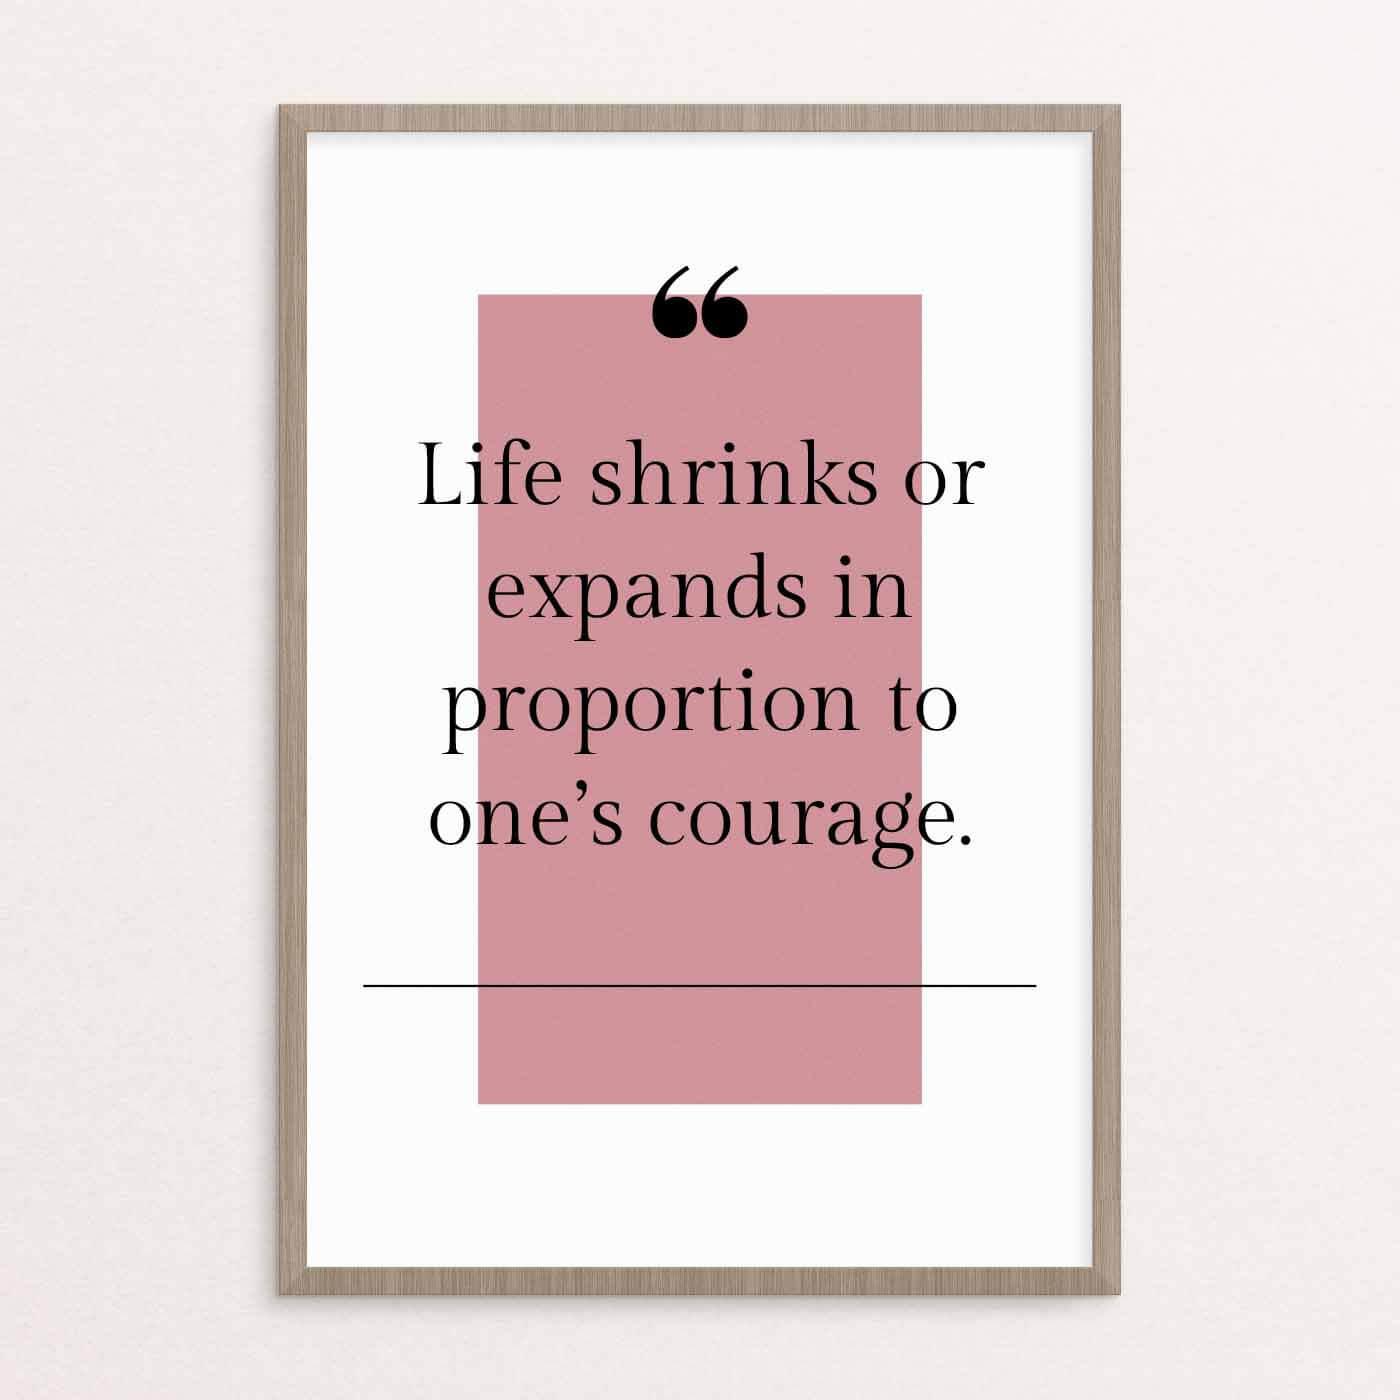 plakat, citat, rosa, lyserød, 2020